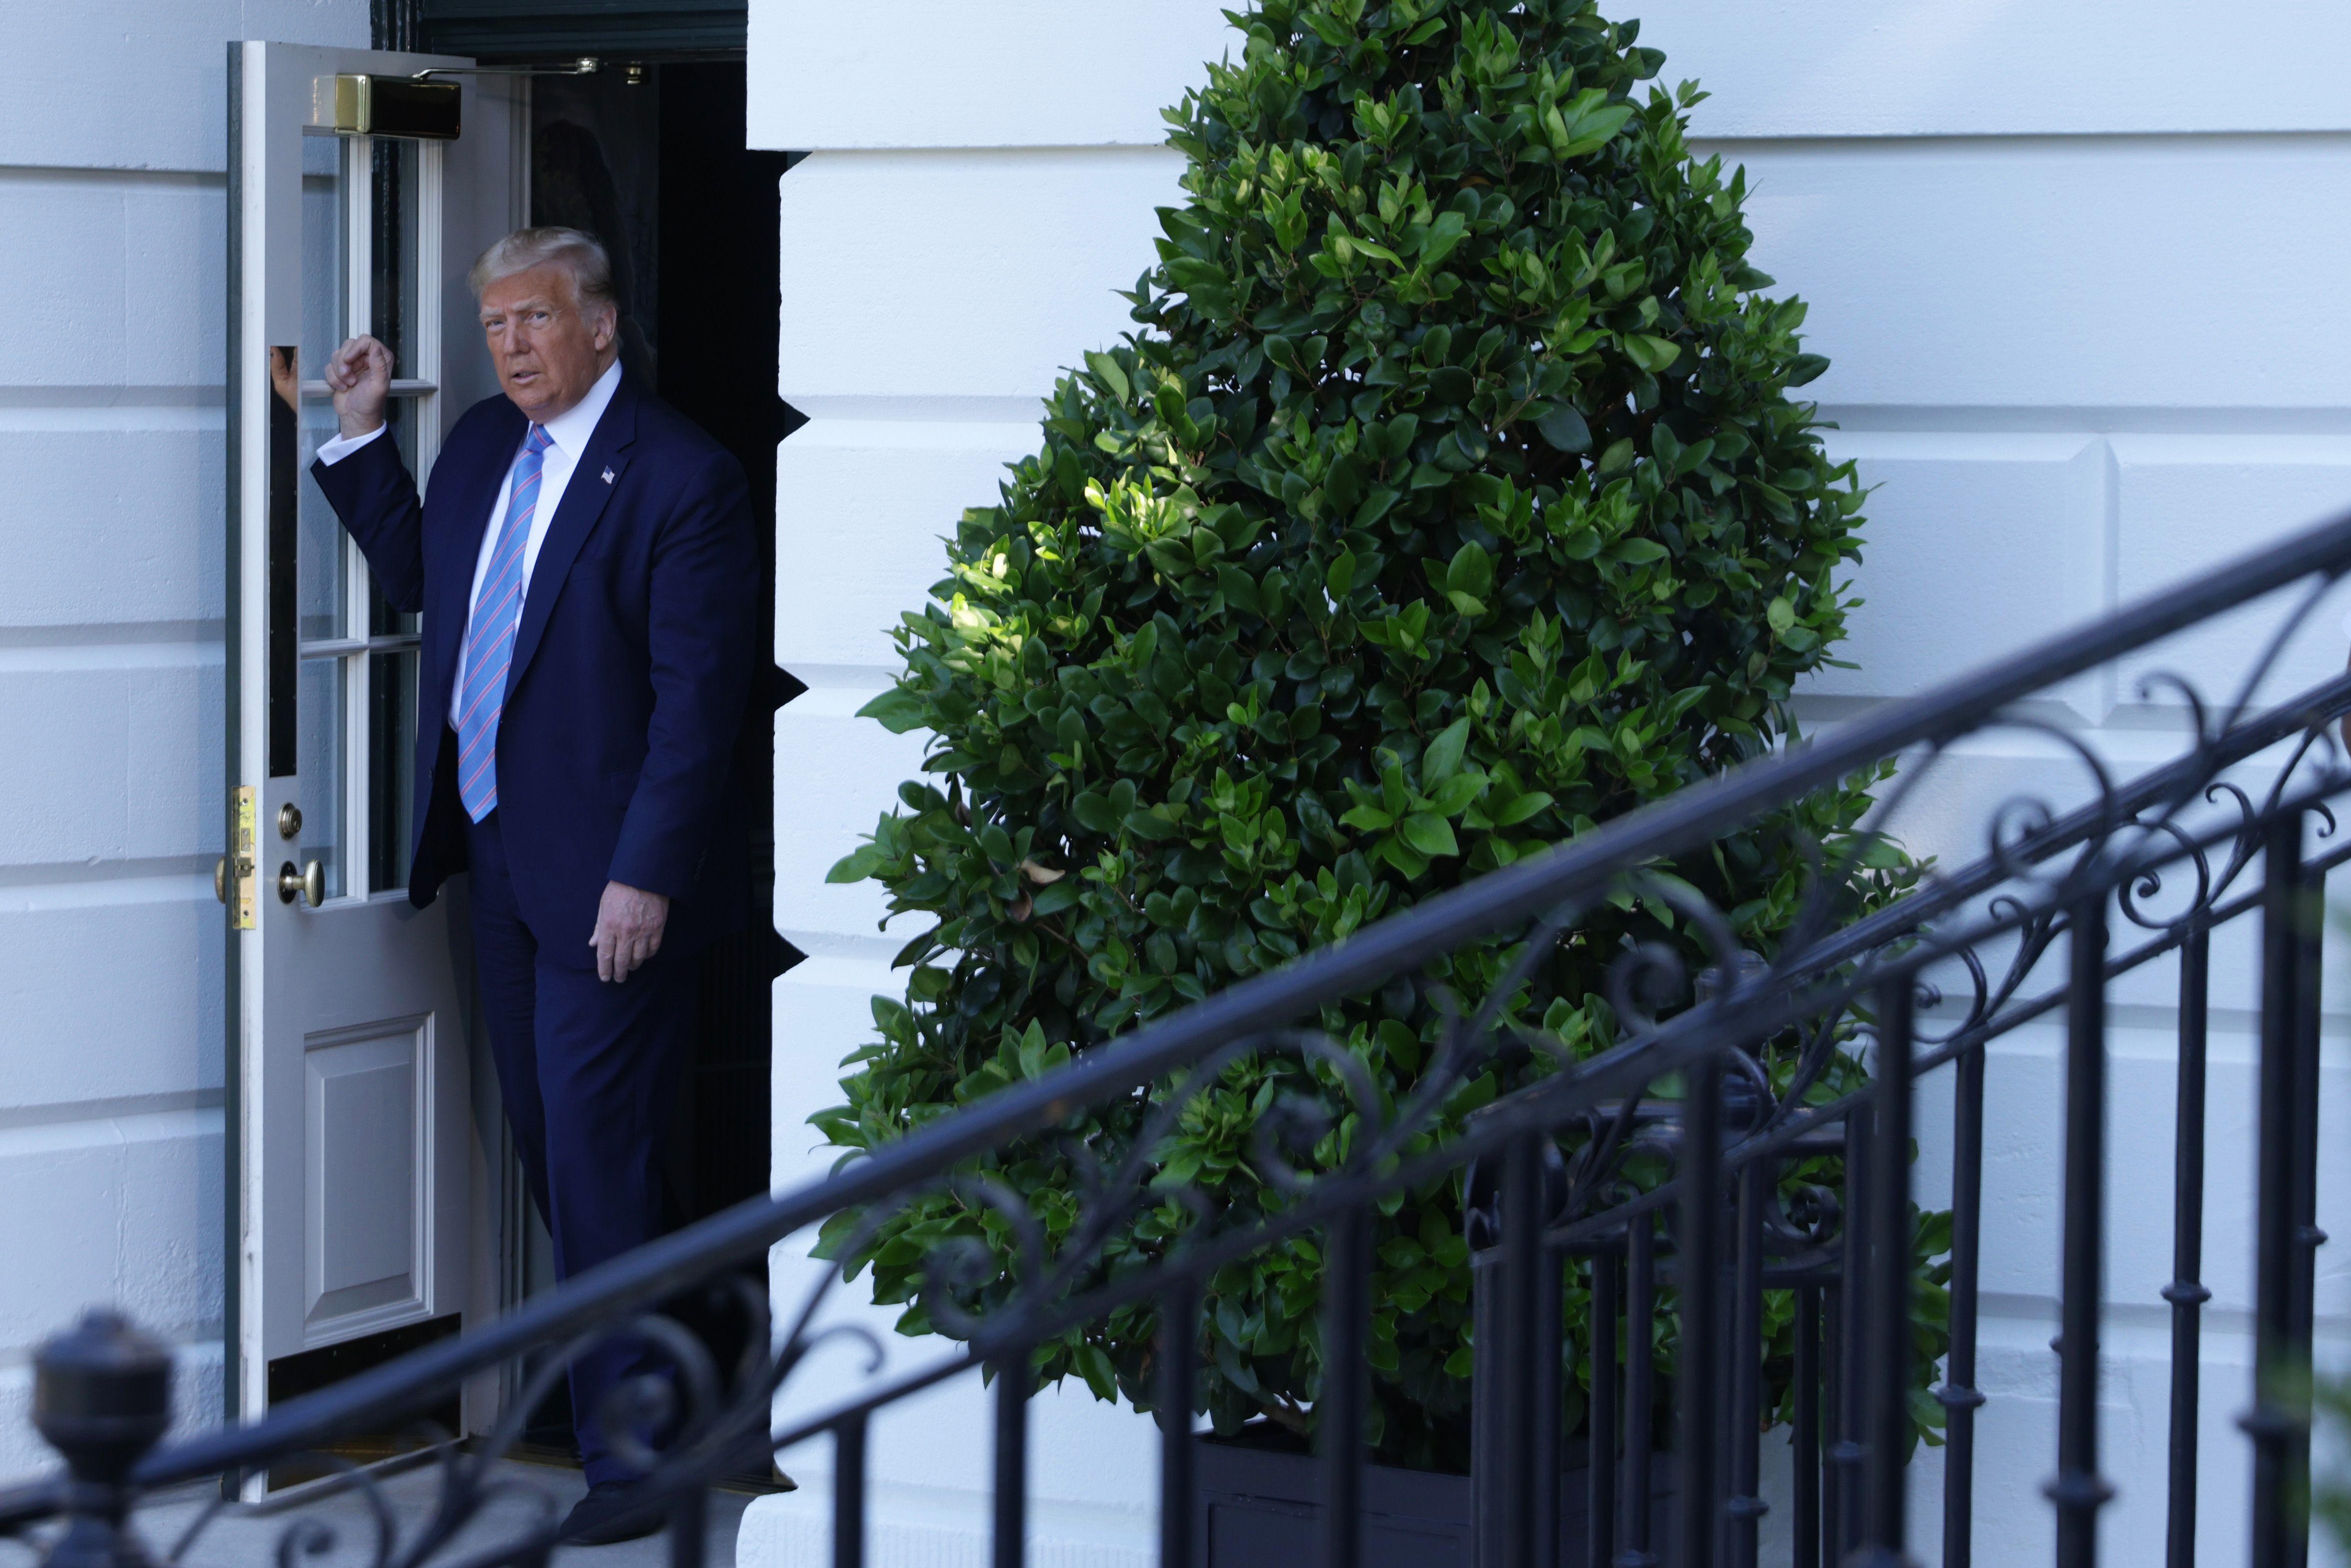 Líderes republicanos en el Congreso rechazan sugerencia de Trump de retrasar elecciones